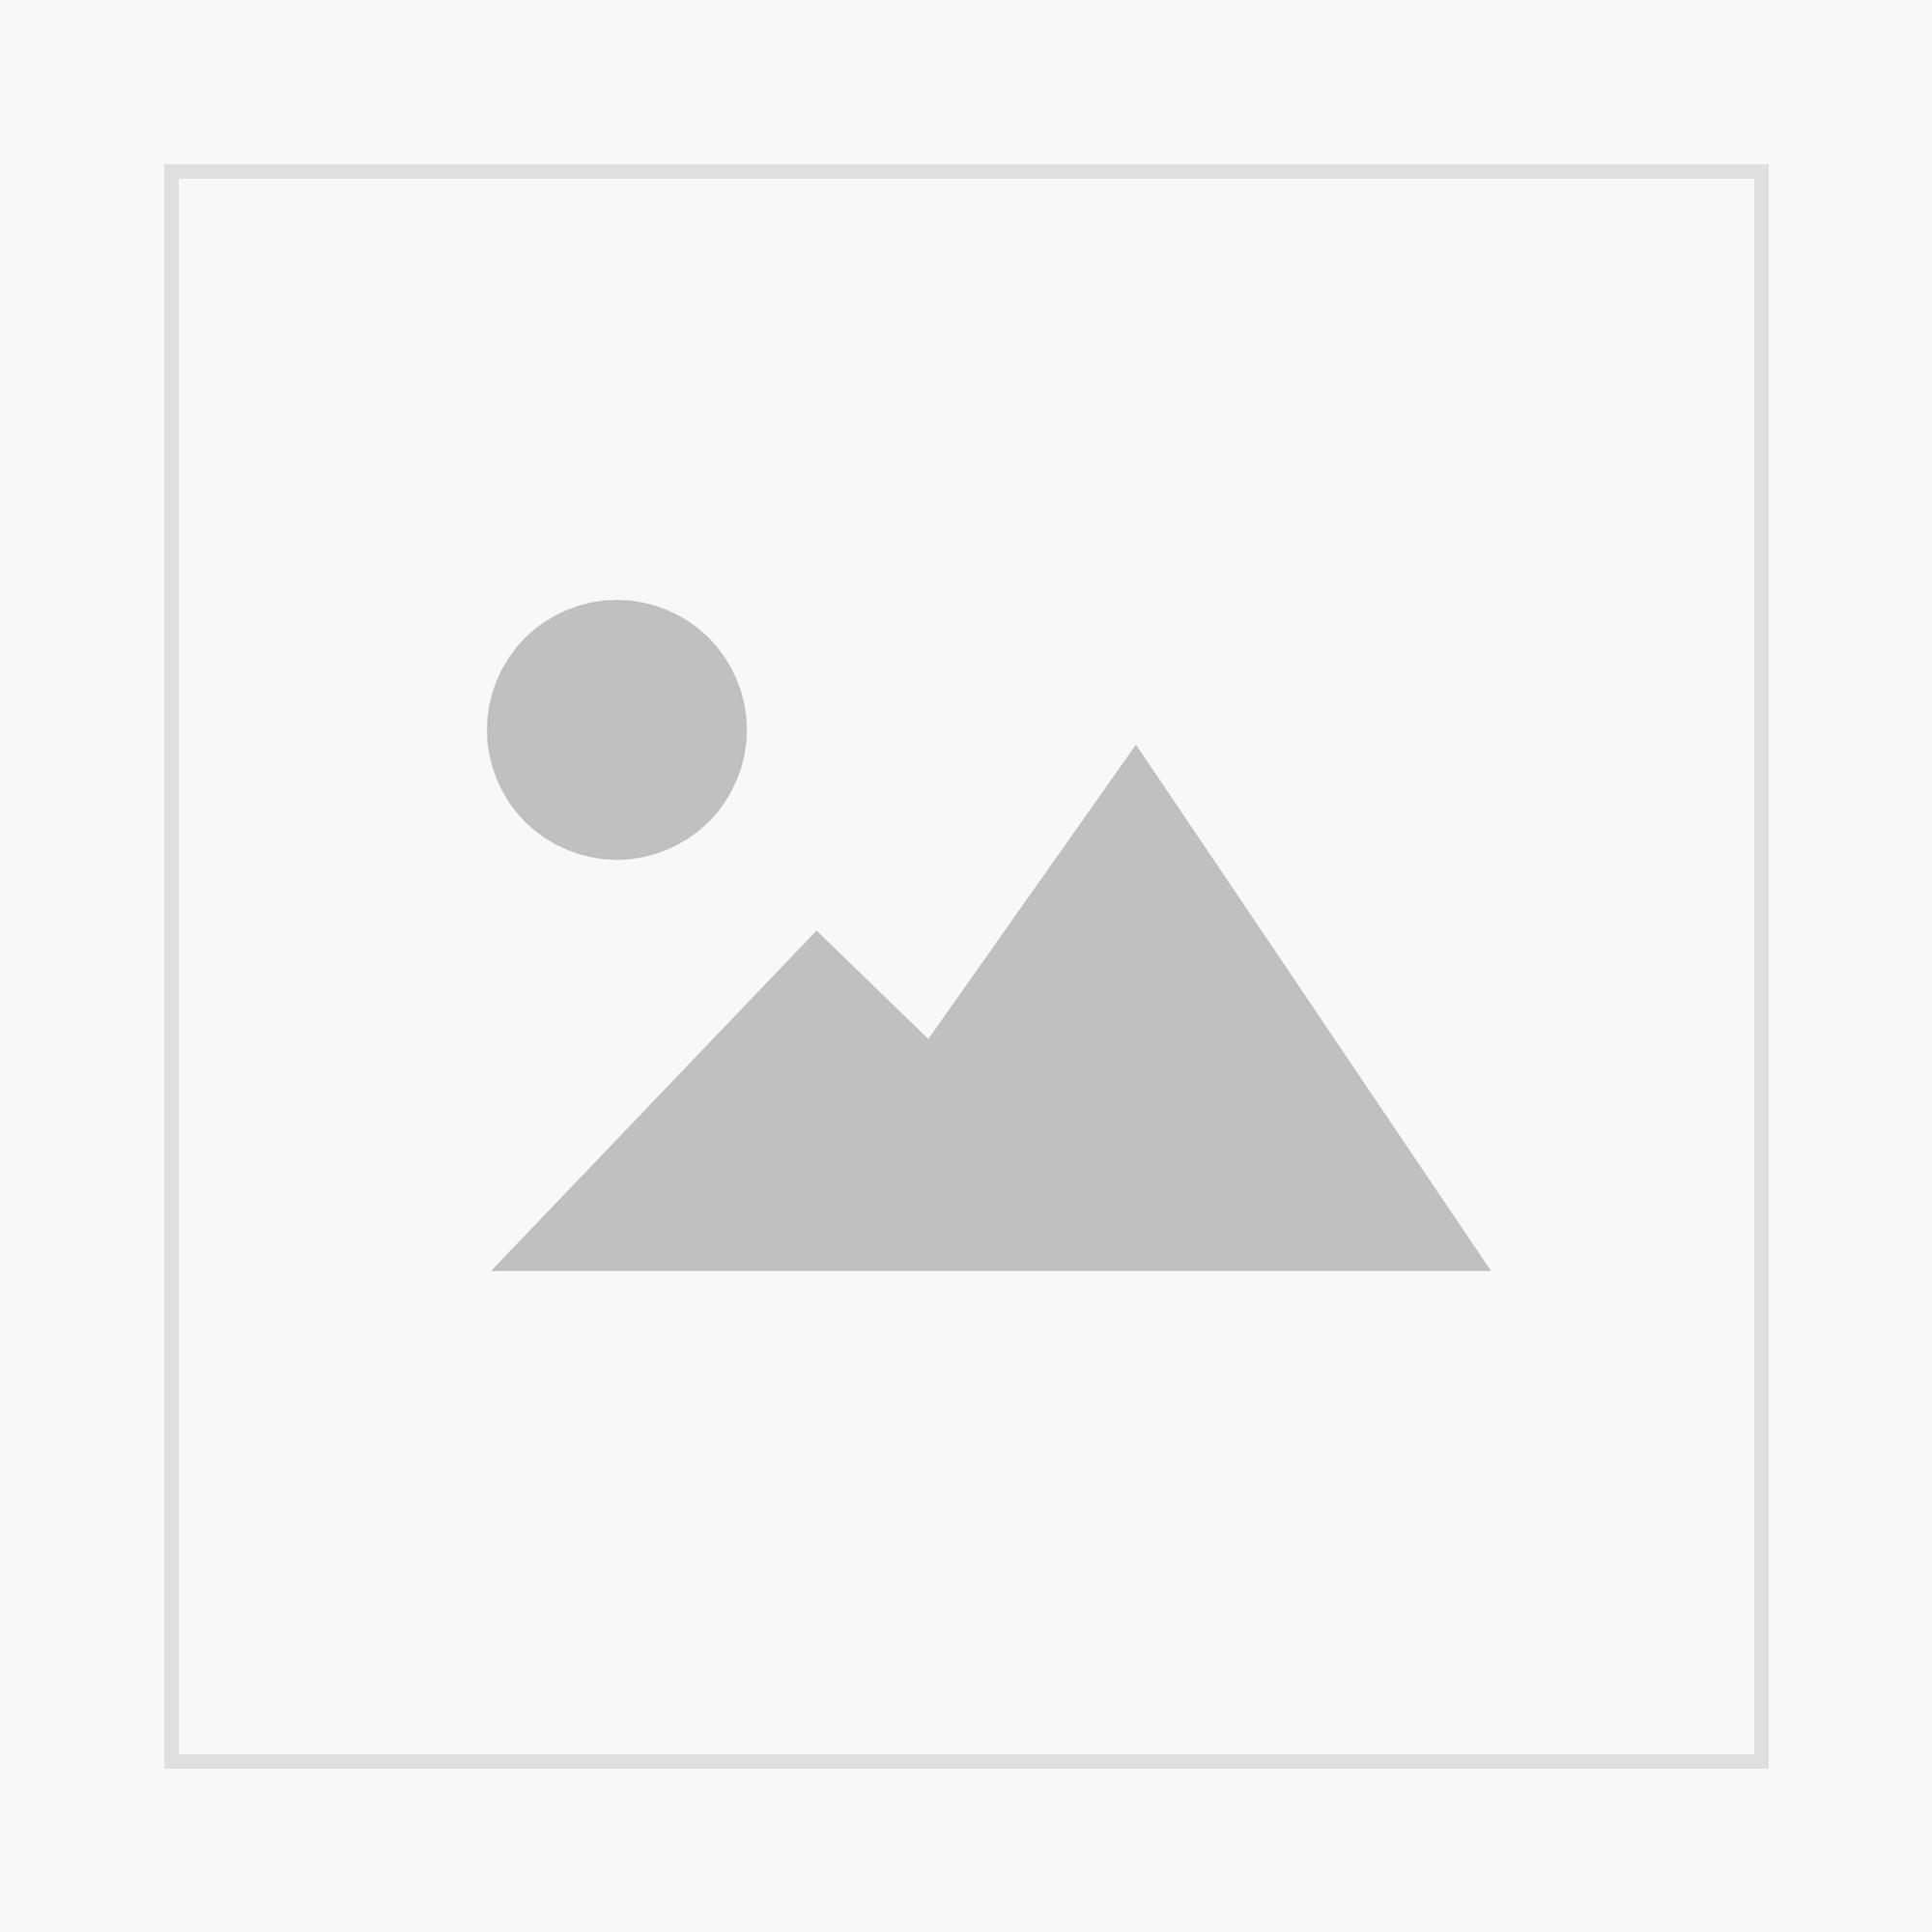 Ve Heft 14: Vegetationskarte der Bundesrepublik Deutschland 1 : 200000 - Potentielle natürliche Vegetation - Blatt CC 3118 Hamburg-West.